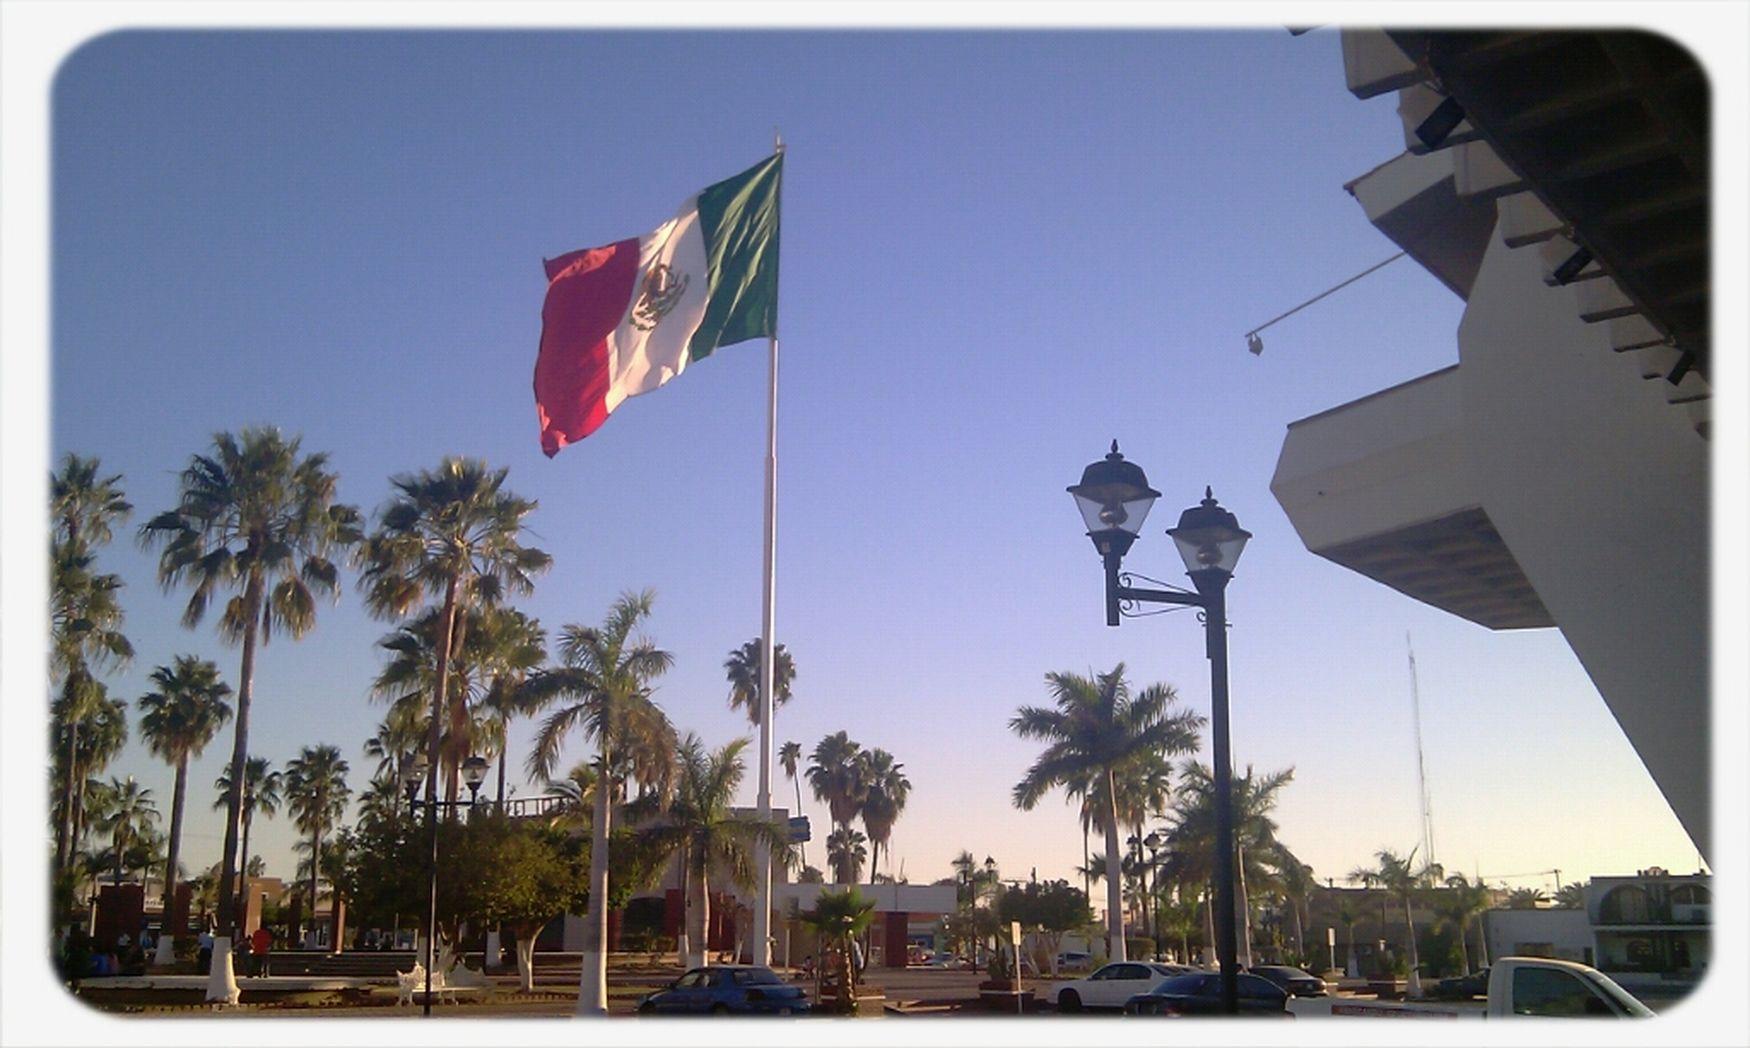 Flags Mexico Squares Banderas Sonora Navojoa BanderaDeMexico Plazas